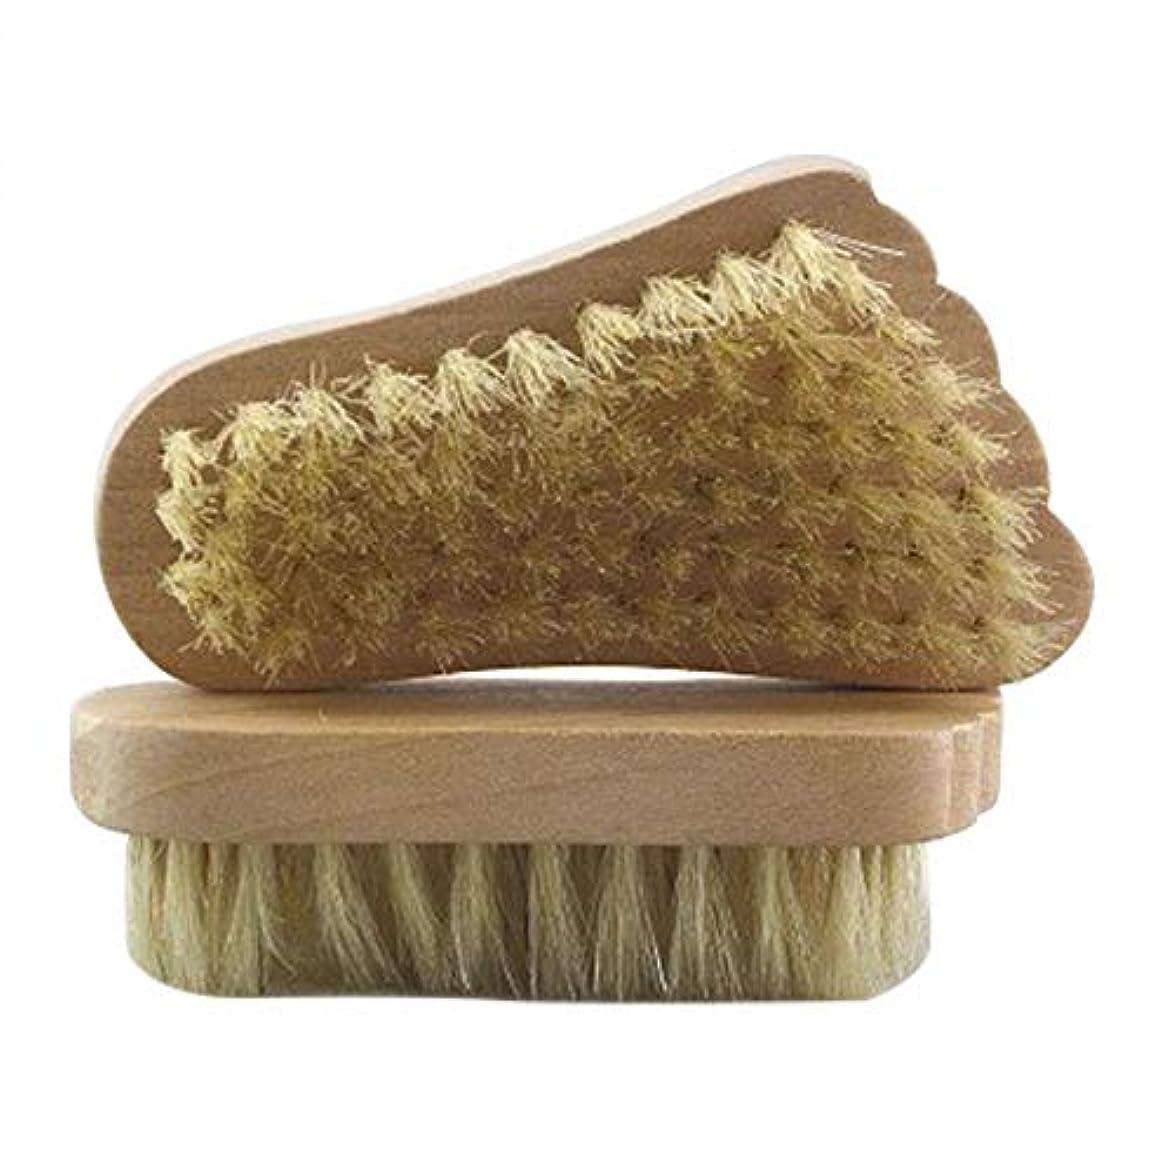 幻滅個人日光Maltose フットブラシ 豚毛 足の裏ブラシ 足爪ブラシ セルライト除去 角質除去 足 2個